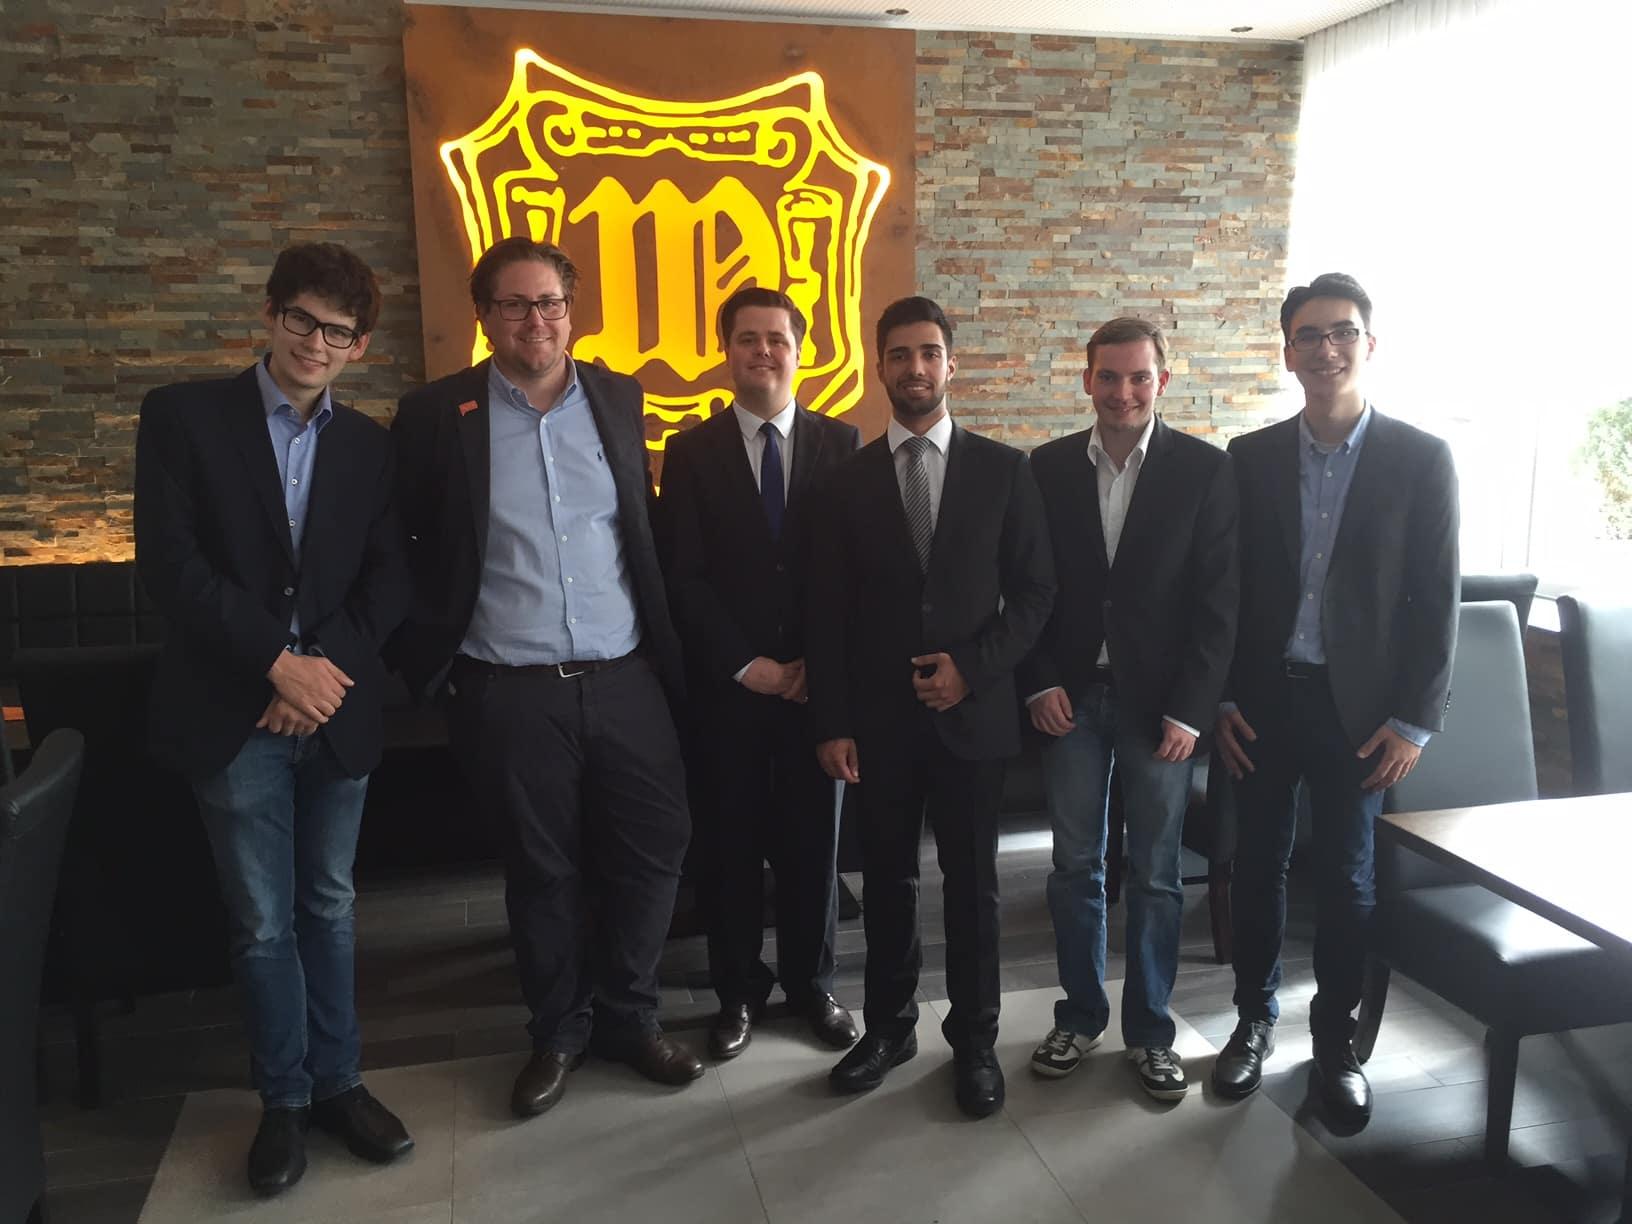 ALFA Jugendorganisation - Junge Reformer wählten Bundesvorstand.